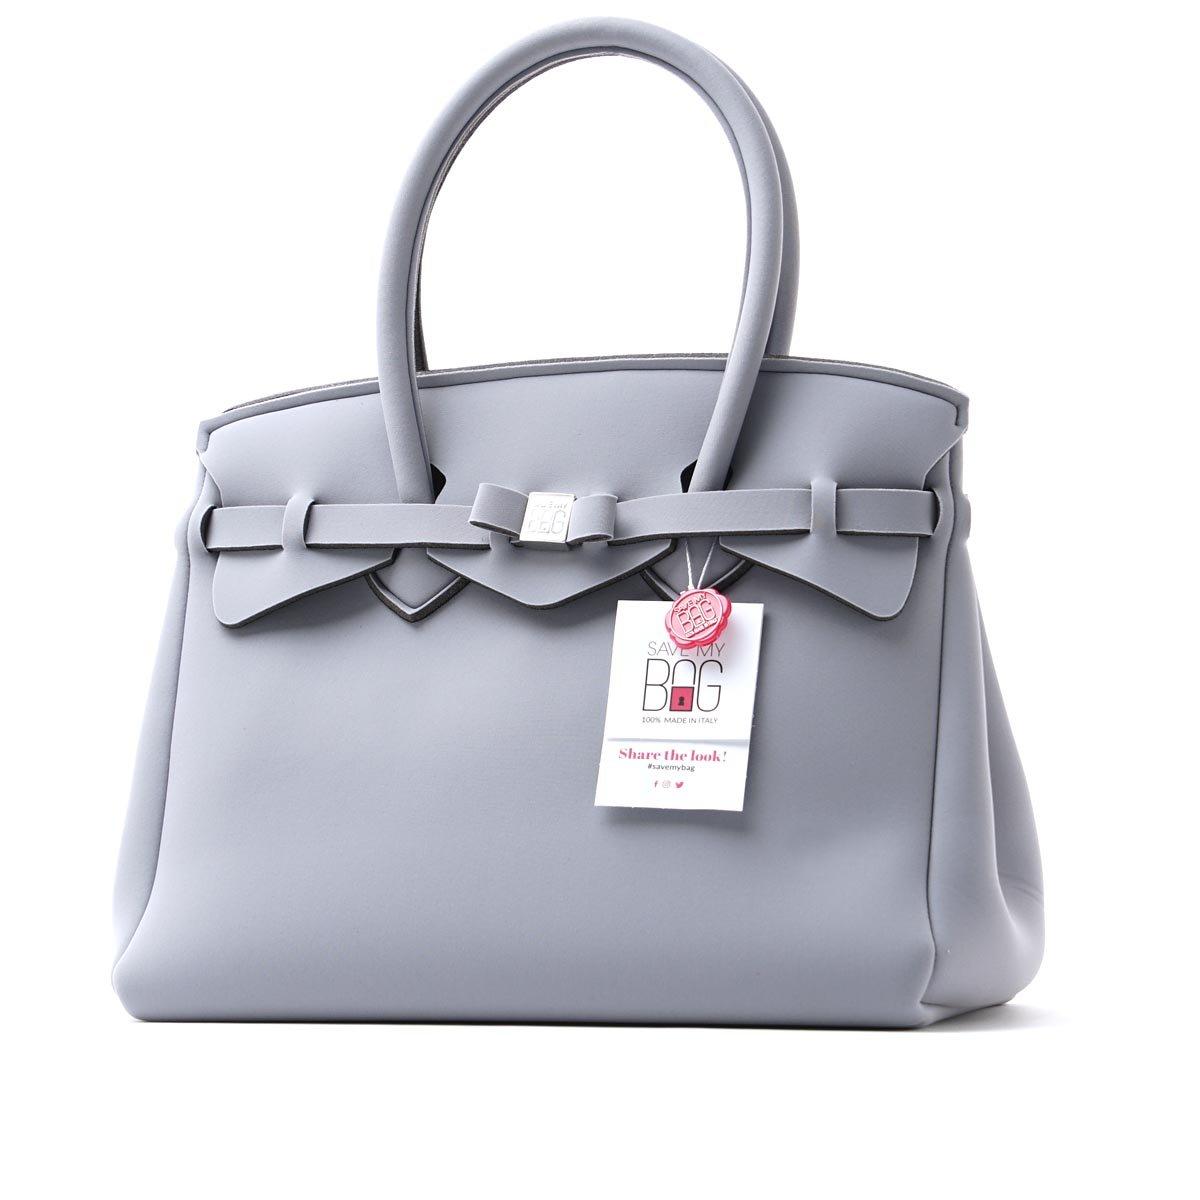 (セーブ マイ バッグ) SAVE MY BAG ハンドバッグ/MISS LYCRA ミス [並行輸入品] B074JYDVT1 Free VAPORE VAPORE Free